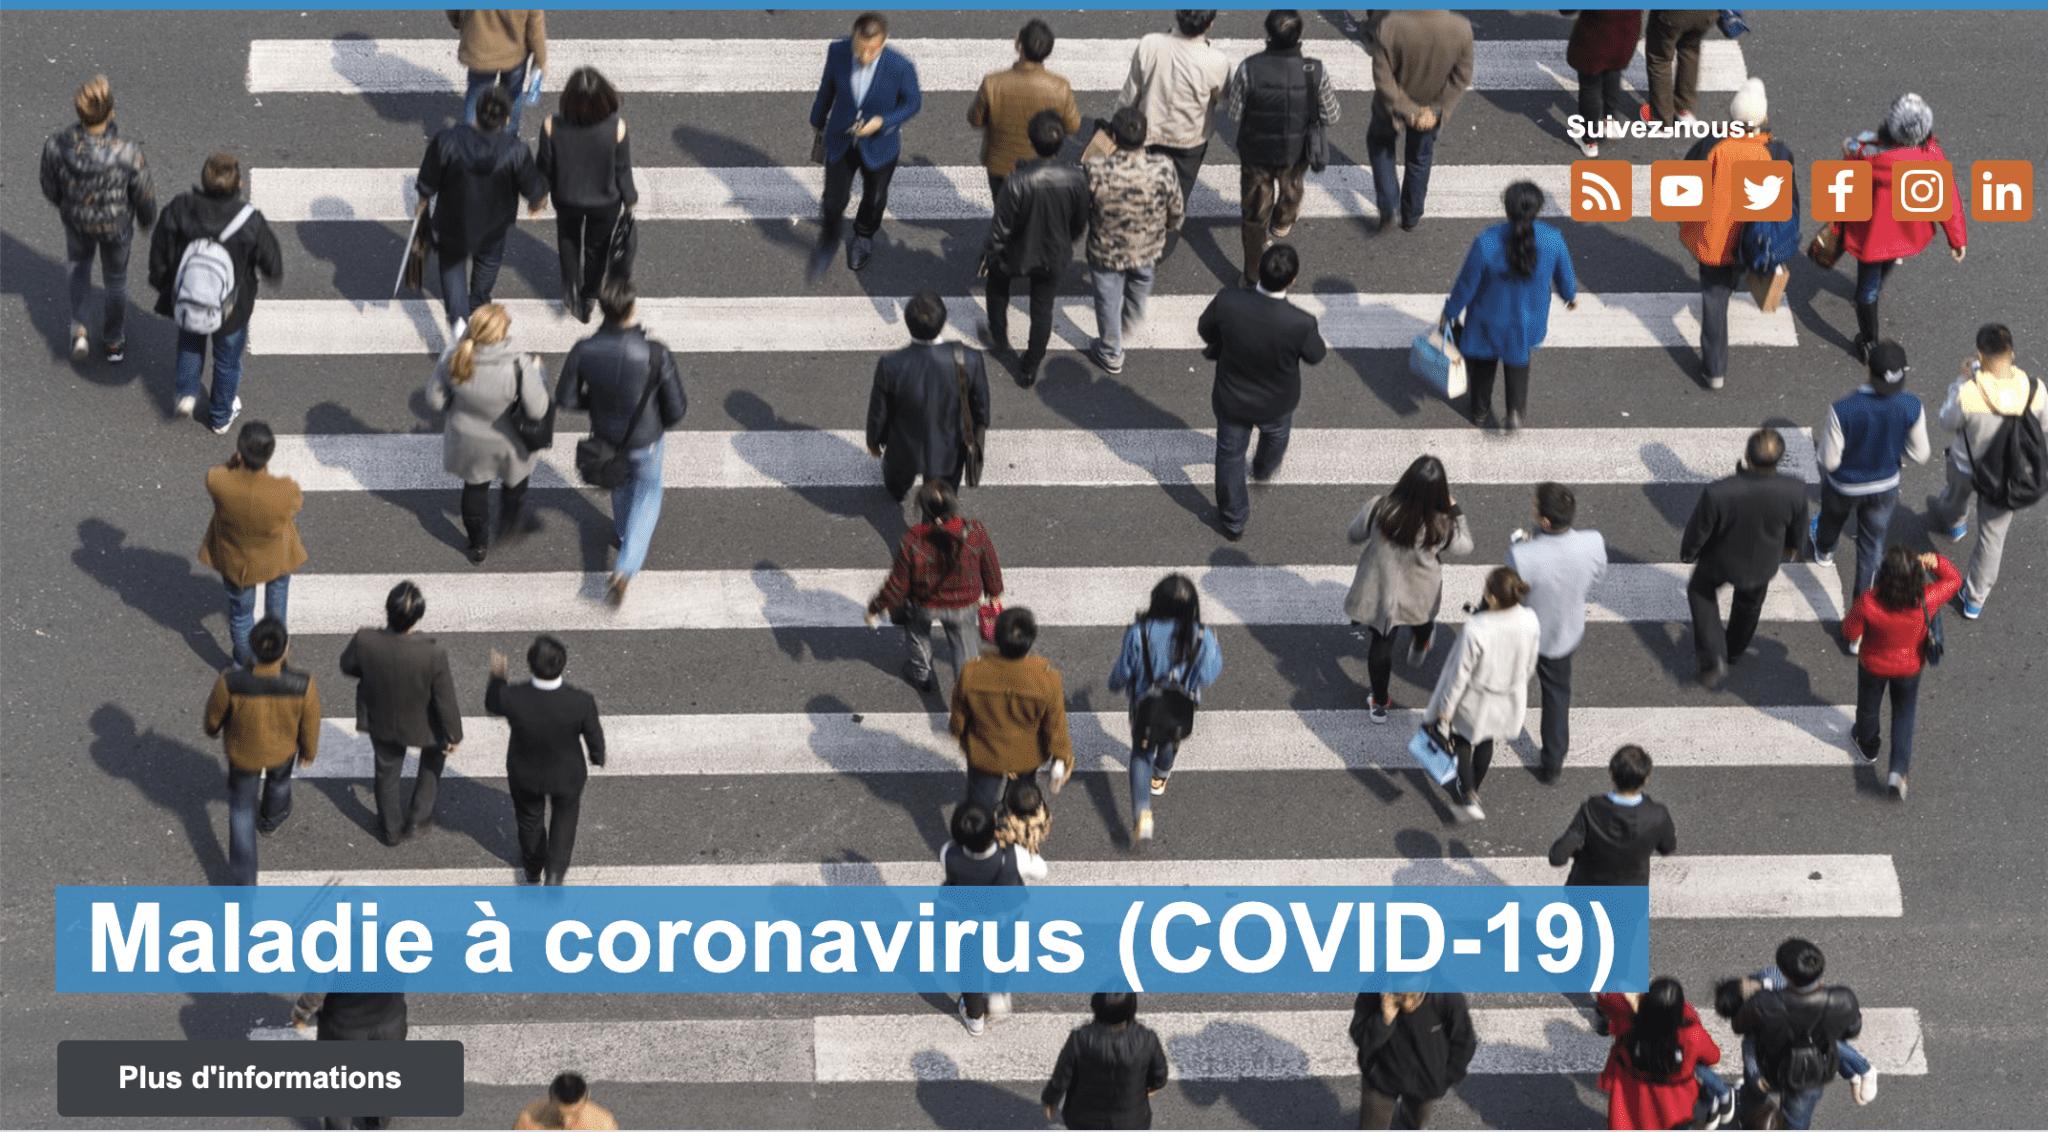 Déclaration conjointe CCI–OMS: Le secteur privé lance un appel sans précédent pour enrayer la COVID-19